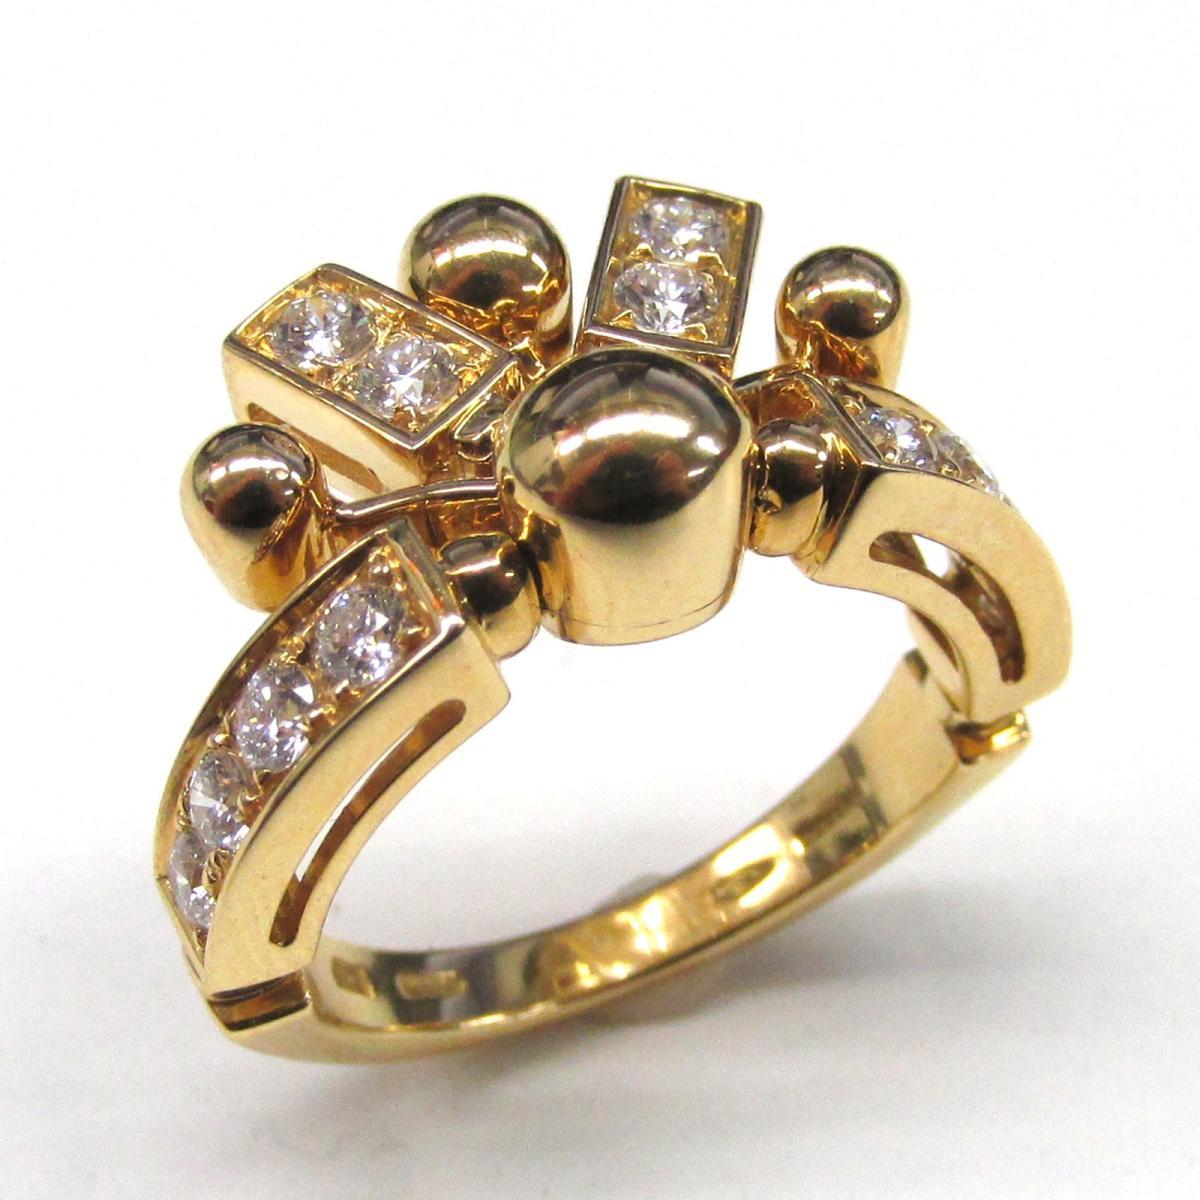 【中古】 ブルガリ アストラーレリング 指輪 レディース K18YG (750) イエローゴールド x ダイヤモンド | BVLGARI BRANDOFF ブランドオフ ブランド ジュエリー アクセサリー リング